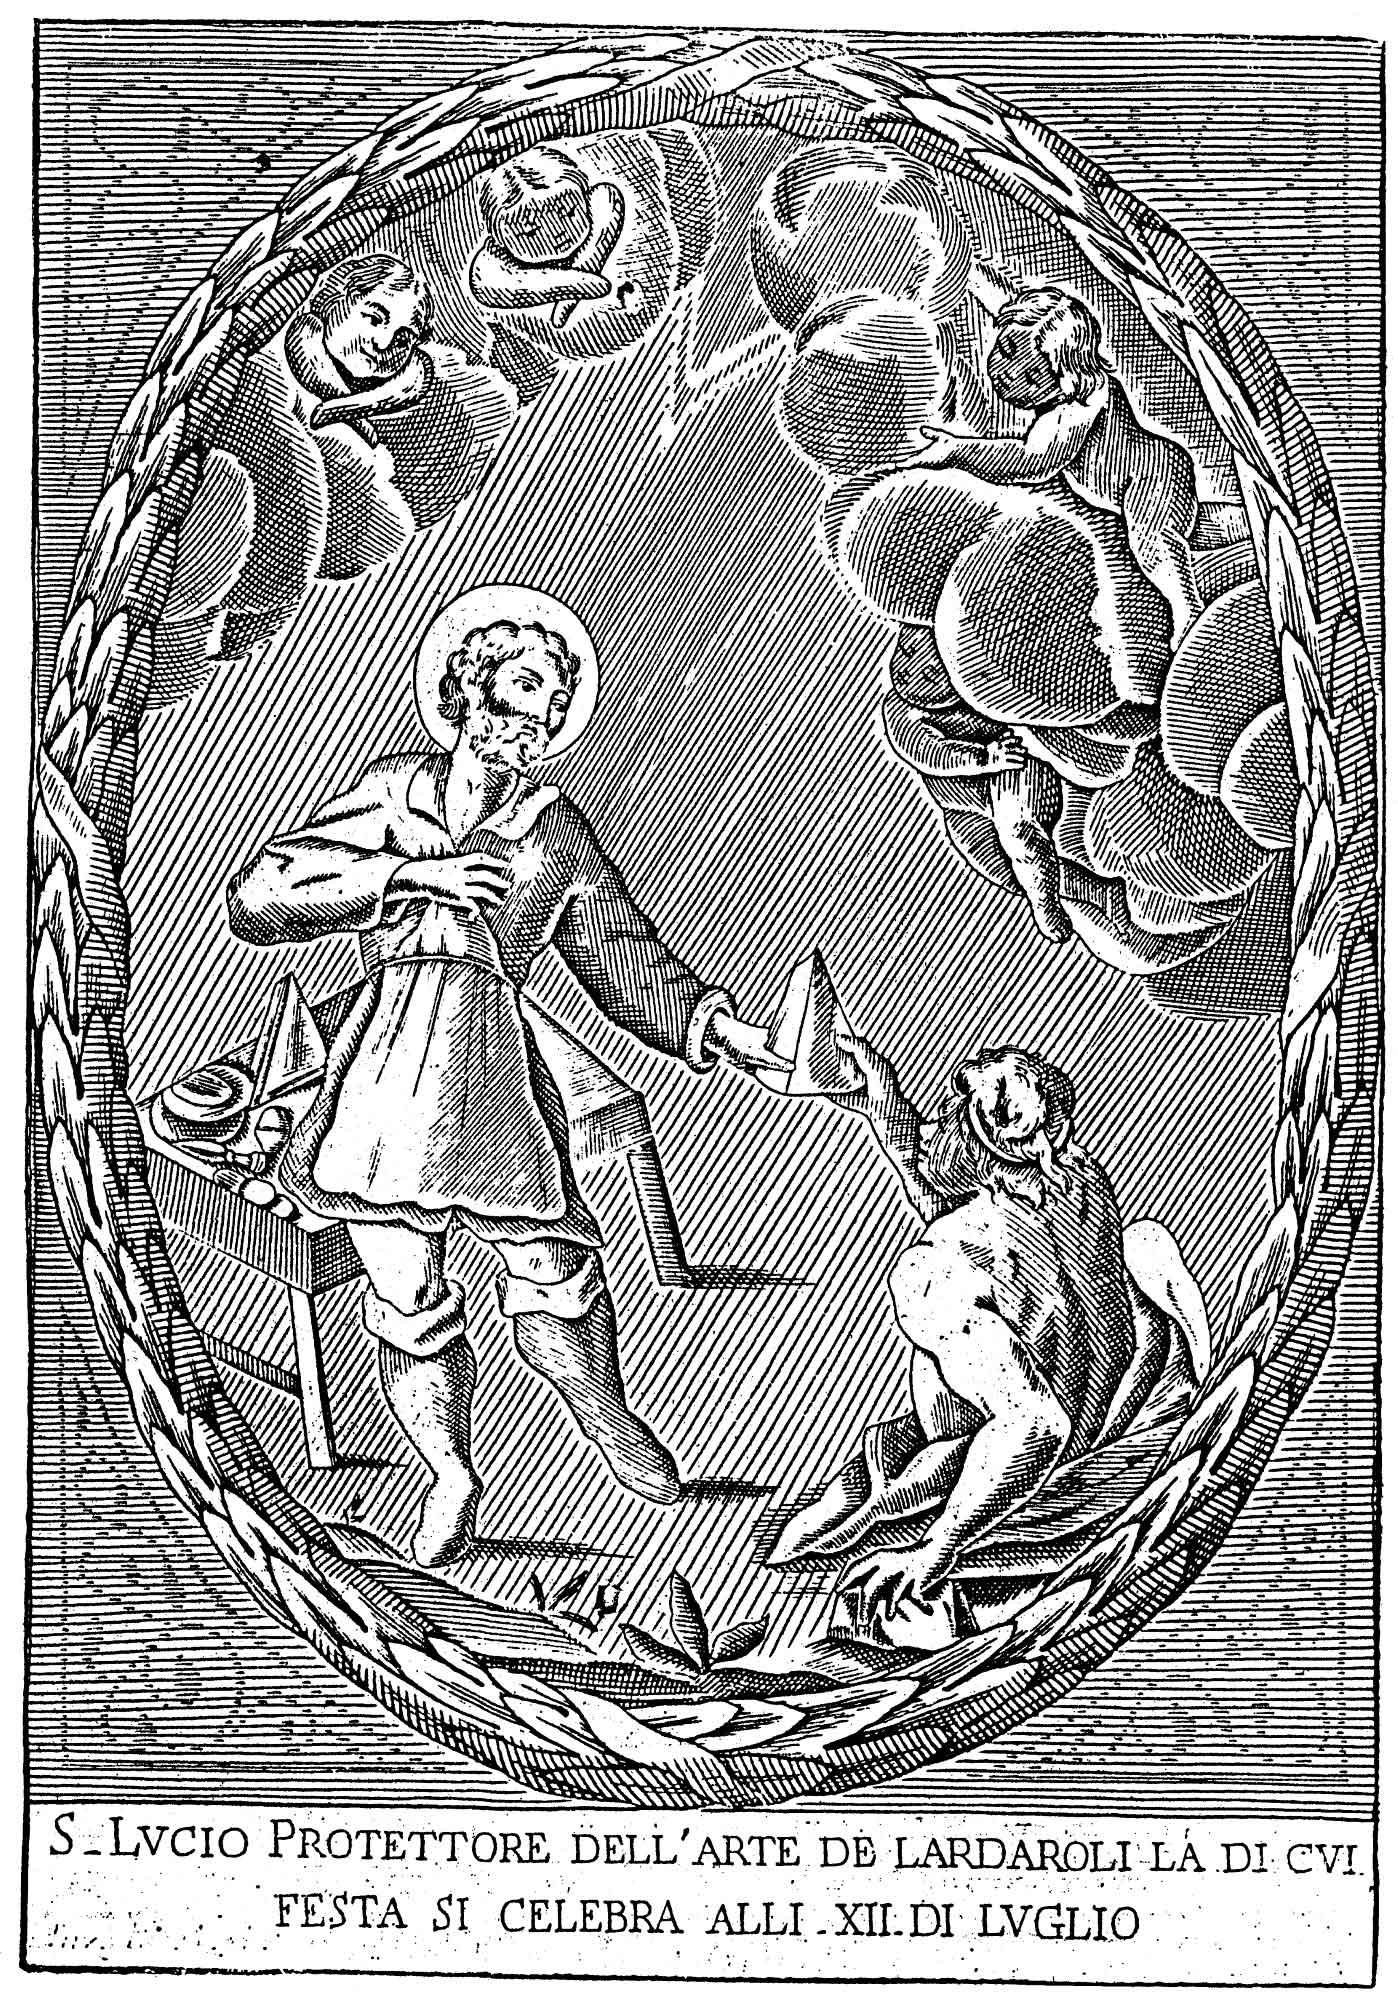 San Lucio Protettore dei